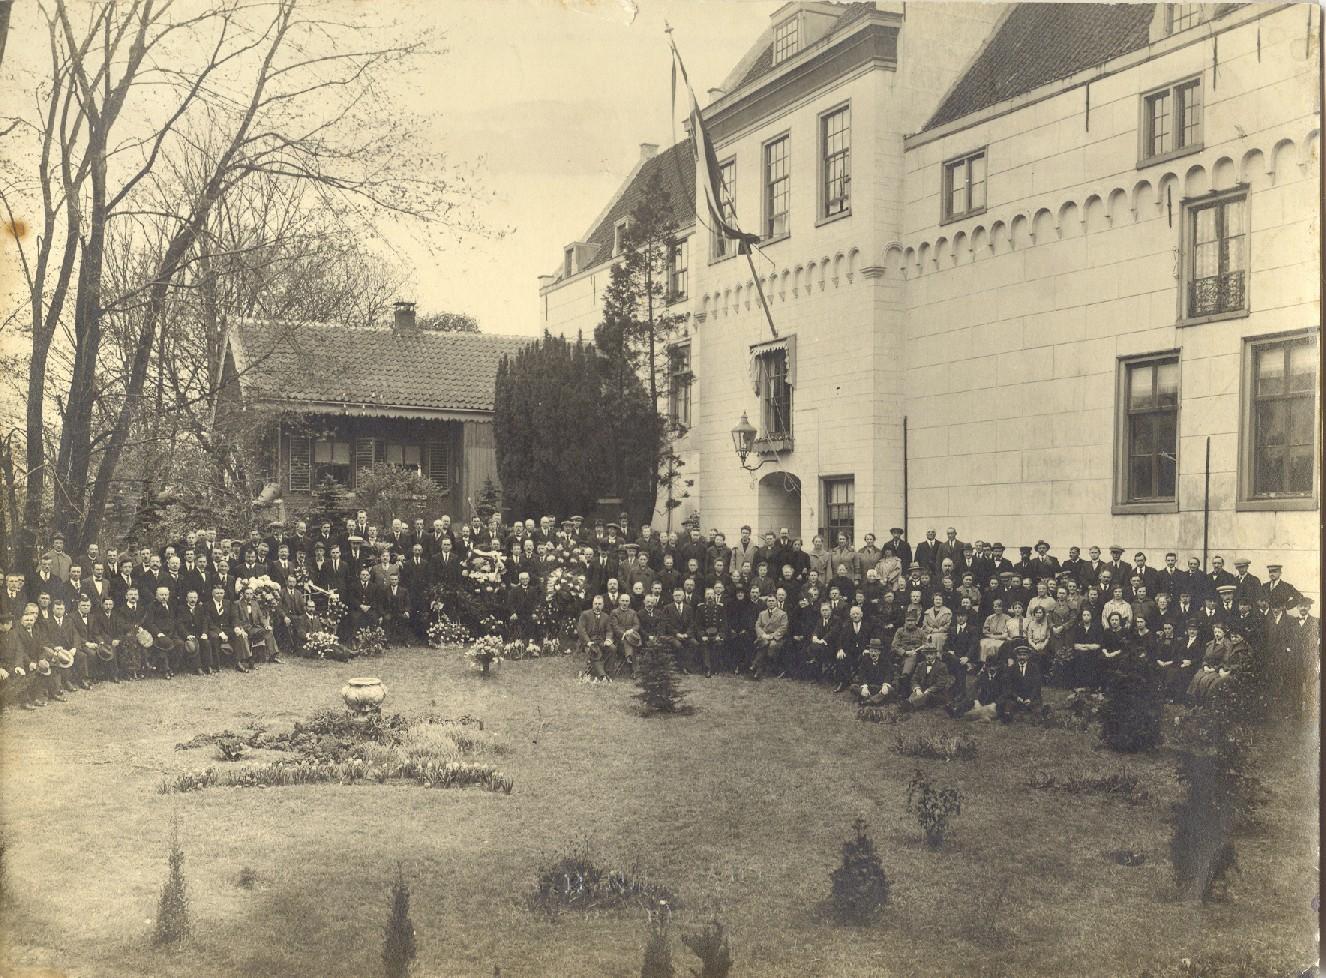 Ter gelegenheid van het 50-jarig bestaan van het Centraal Magazijn in 1923, werd het voltallig personeel van het Centraal Magazijn op de foto gezet.